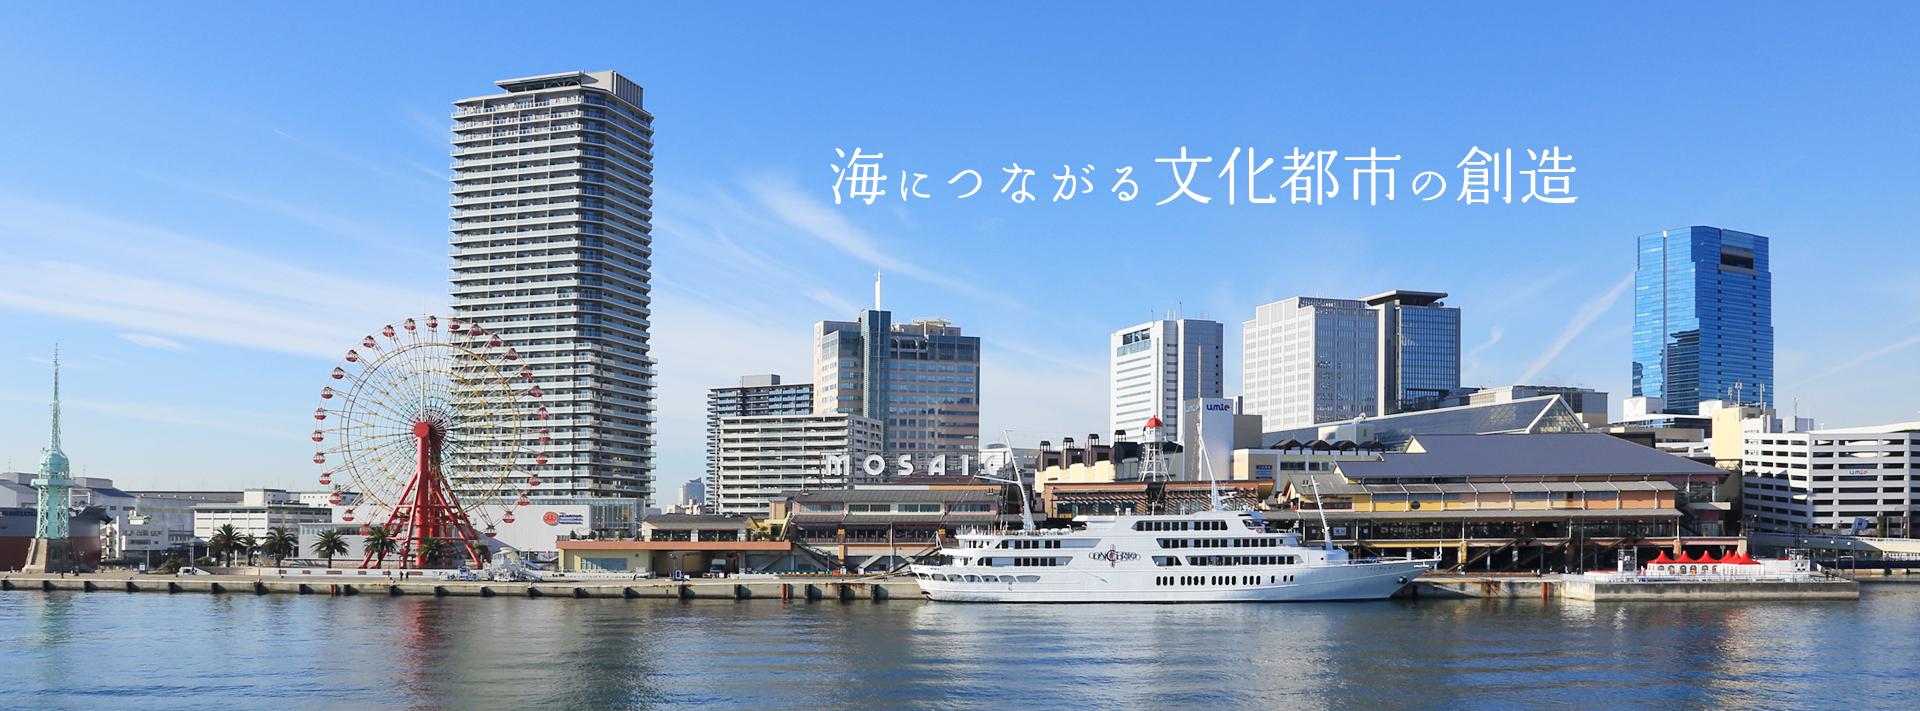 神戸ハーバーランド株式会社